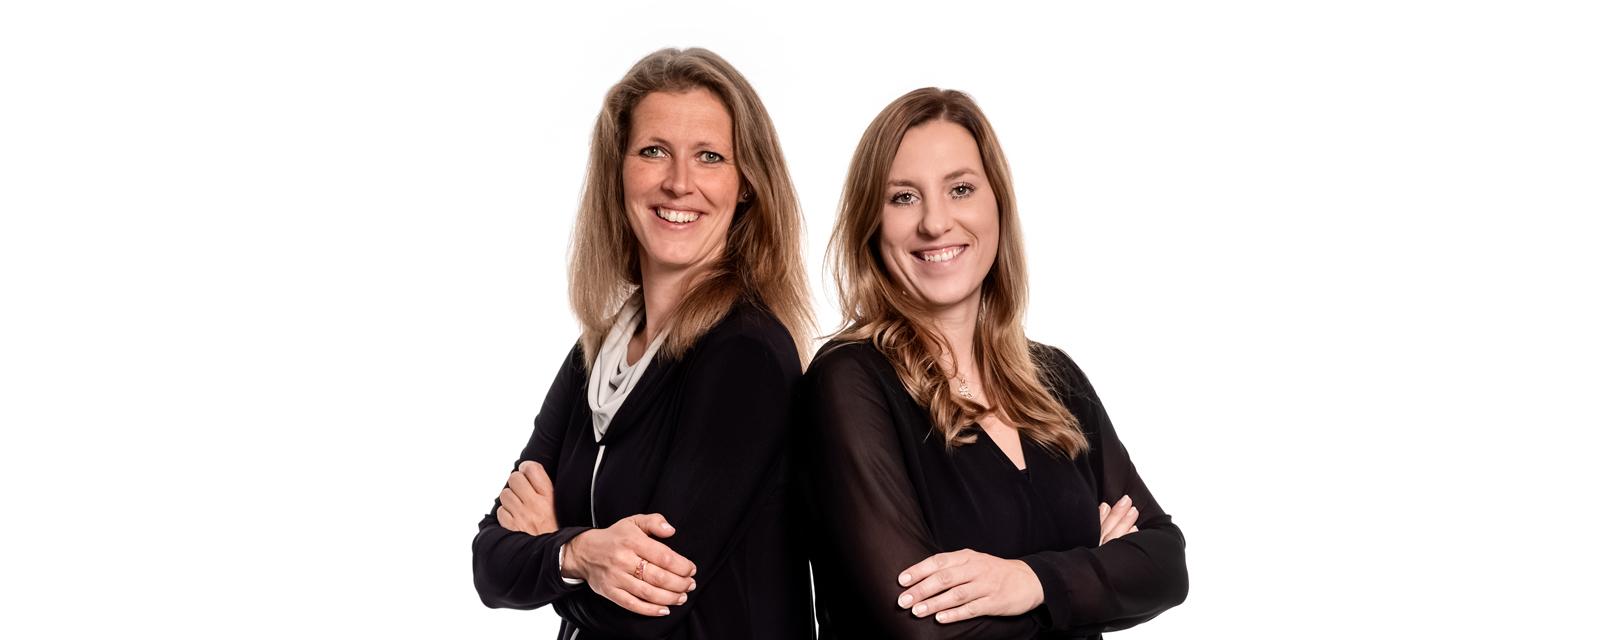 Die Rechtsanwaltskanzlei Köhler mit den beiden Rechtsanwältinnen Anne Köhler und Stefanie Beier. Arbeitsrecht und Datenschutz für Inhaber von Arztpraxen.